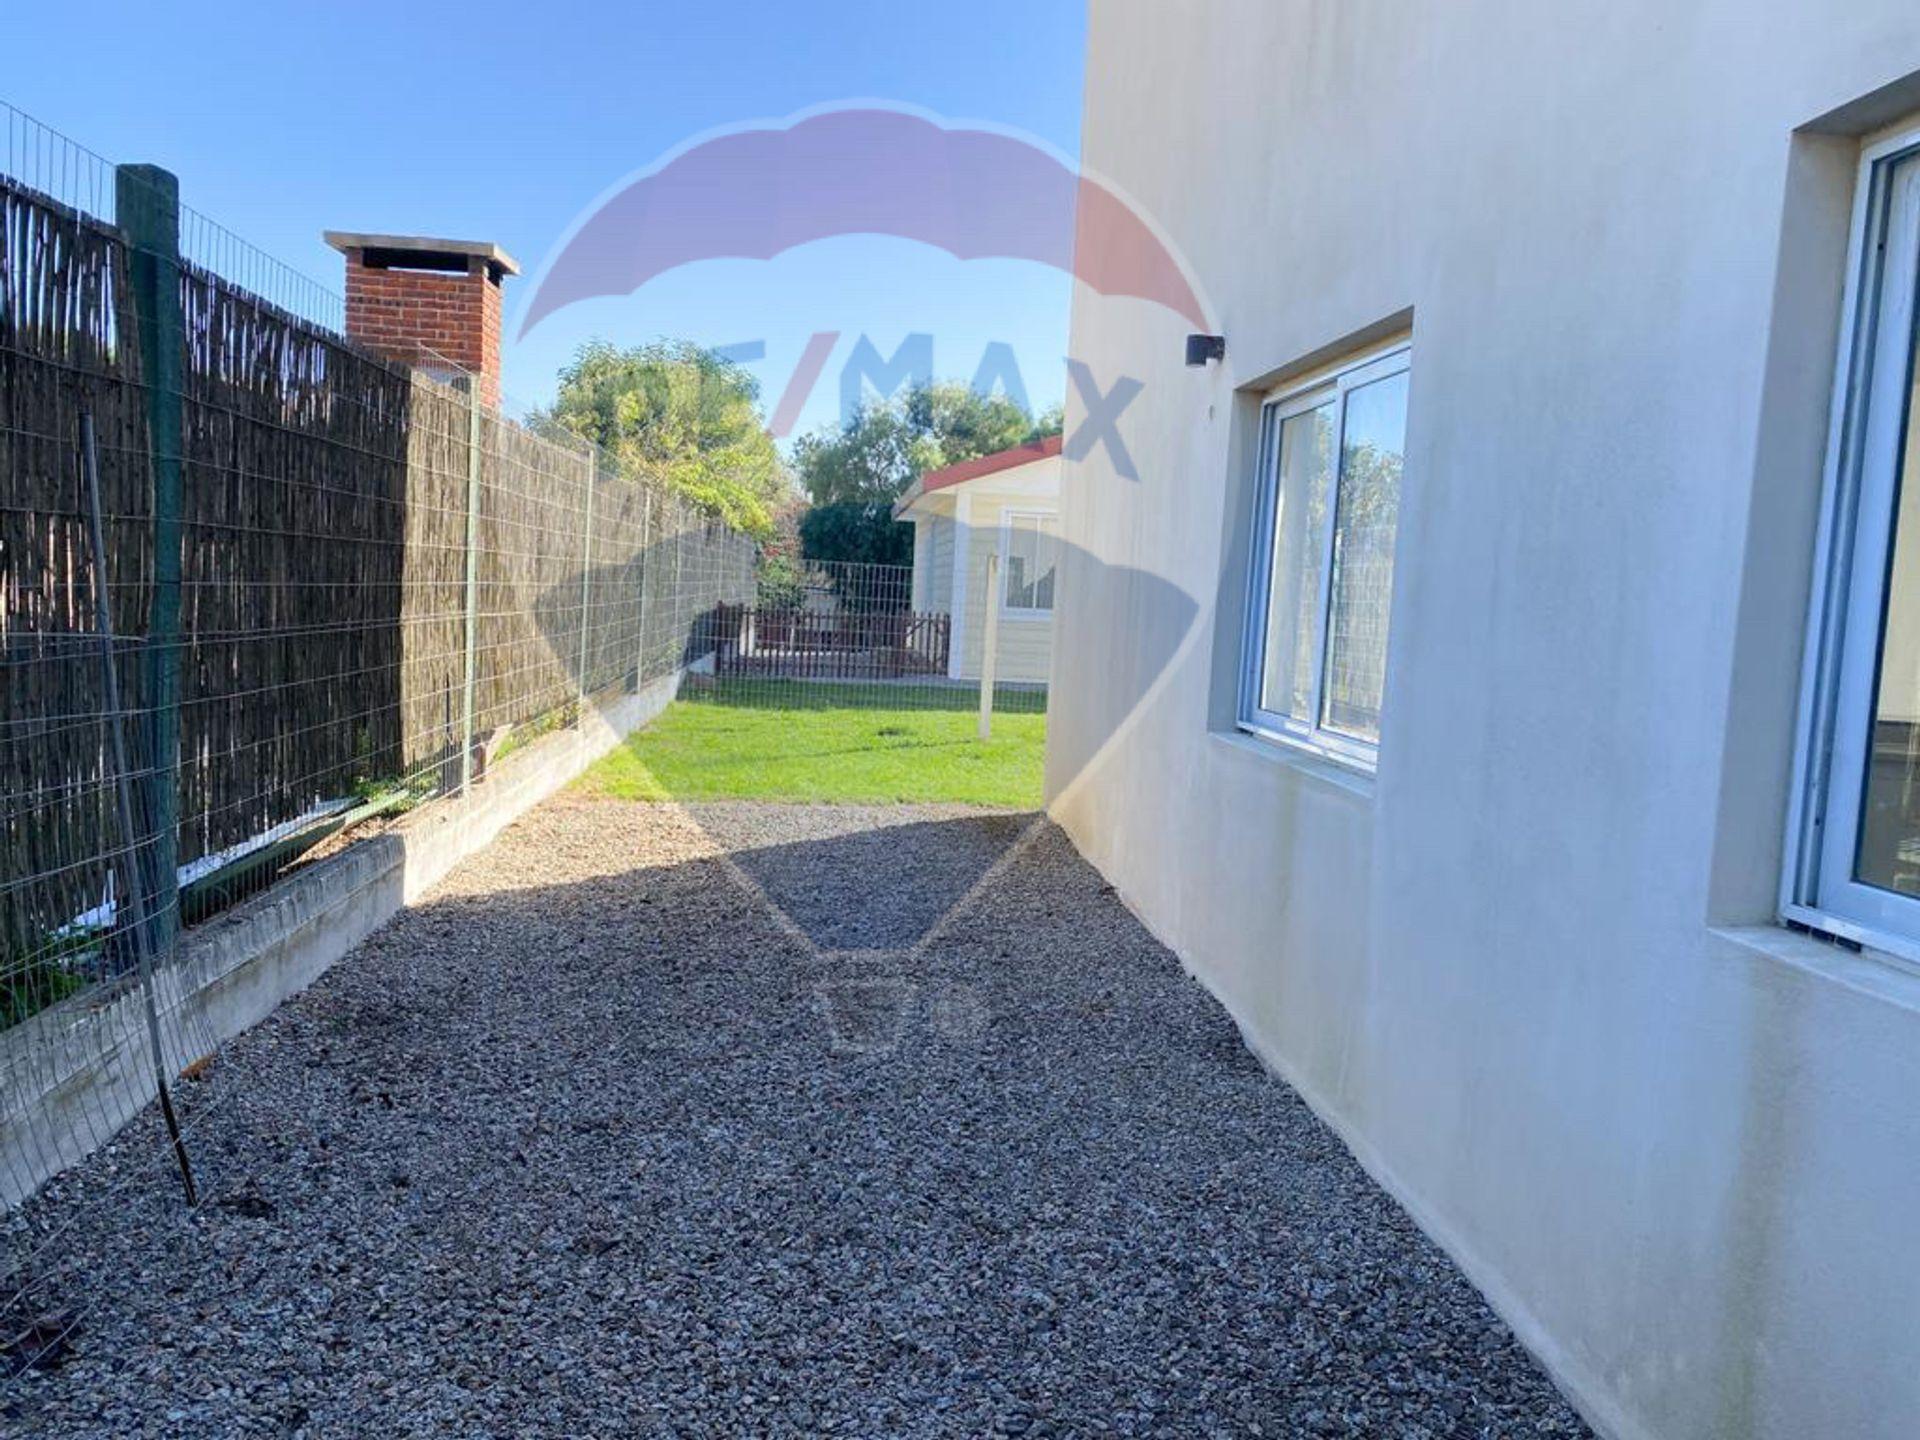 Casa Venta o Alquiler en Punta del Este Montoya, Maldonado. Maldonado de 4 Dormitorios